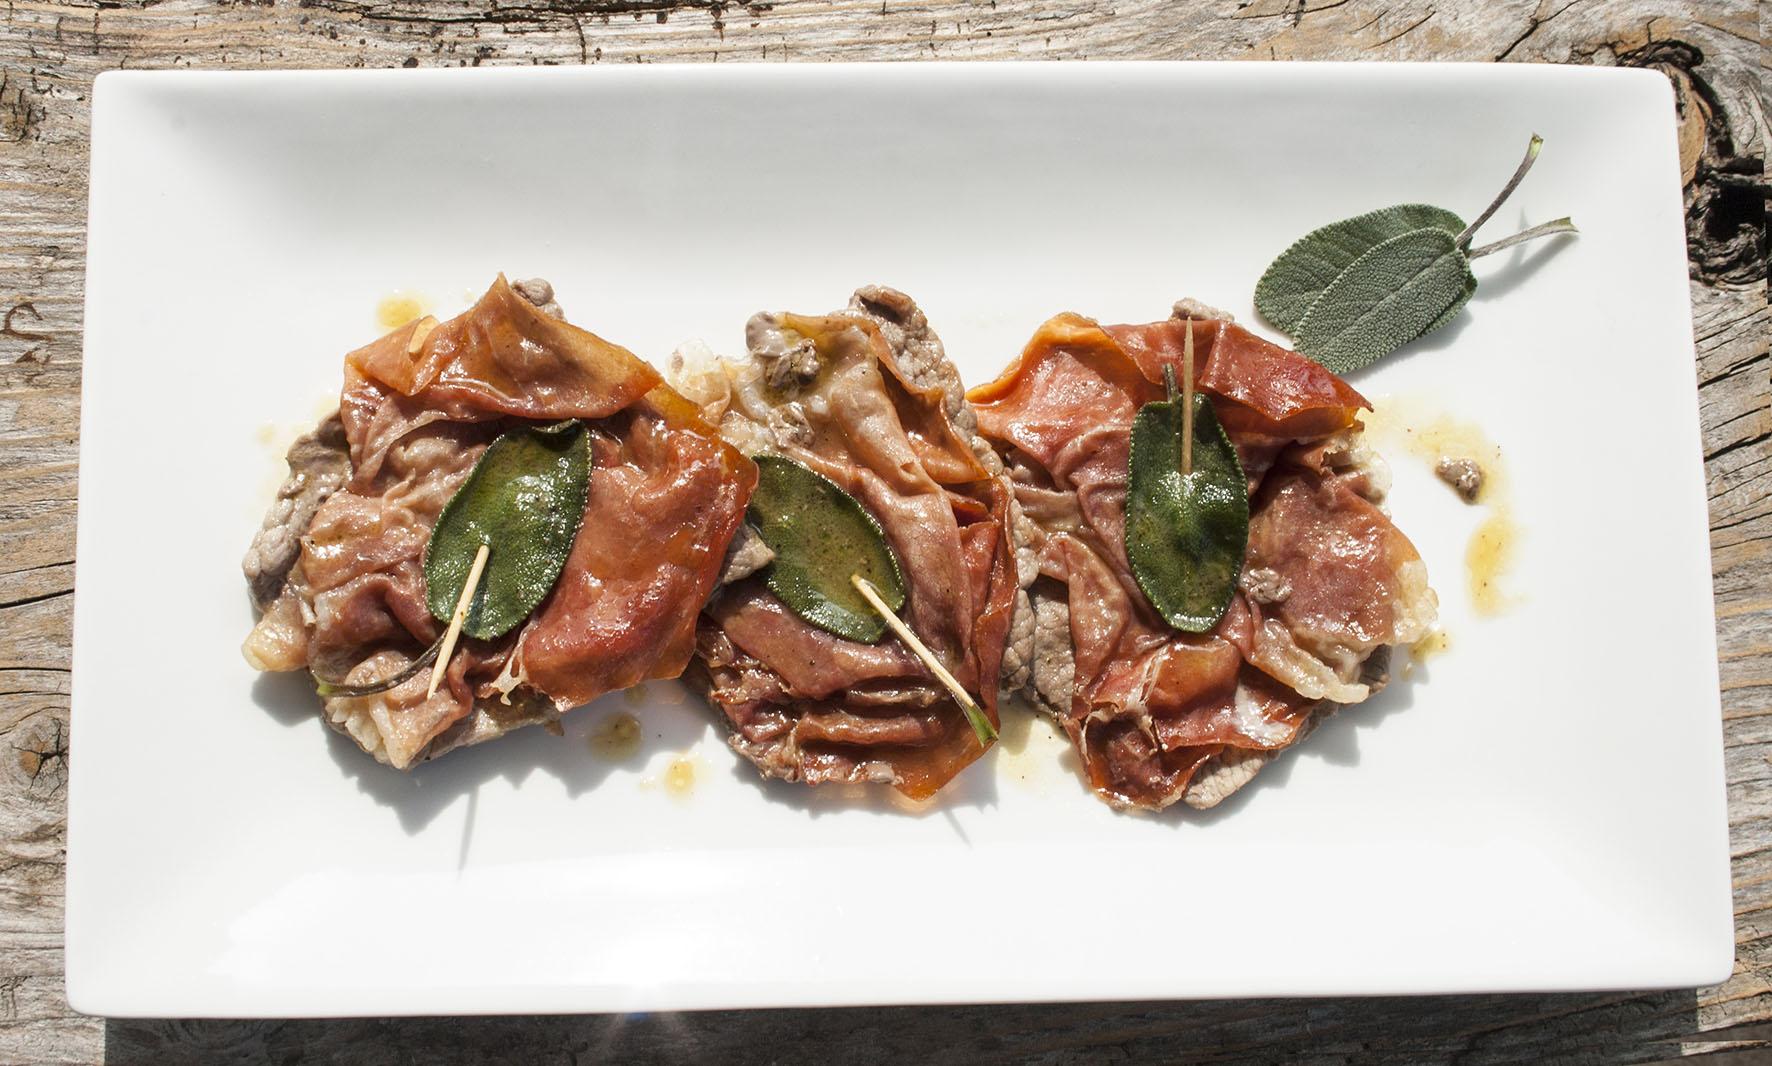 Vitale Recipes – Saltimbocca alla Romana